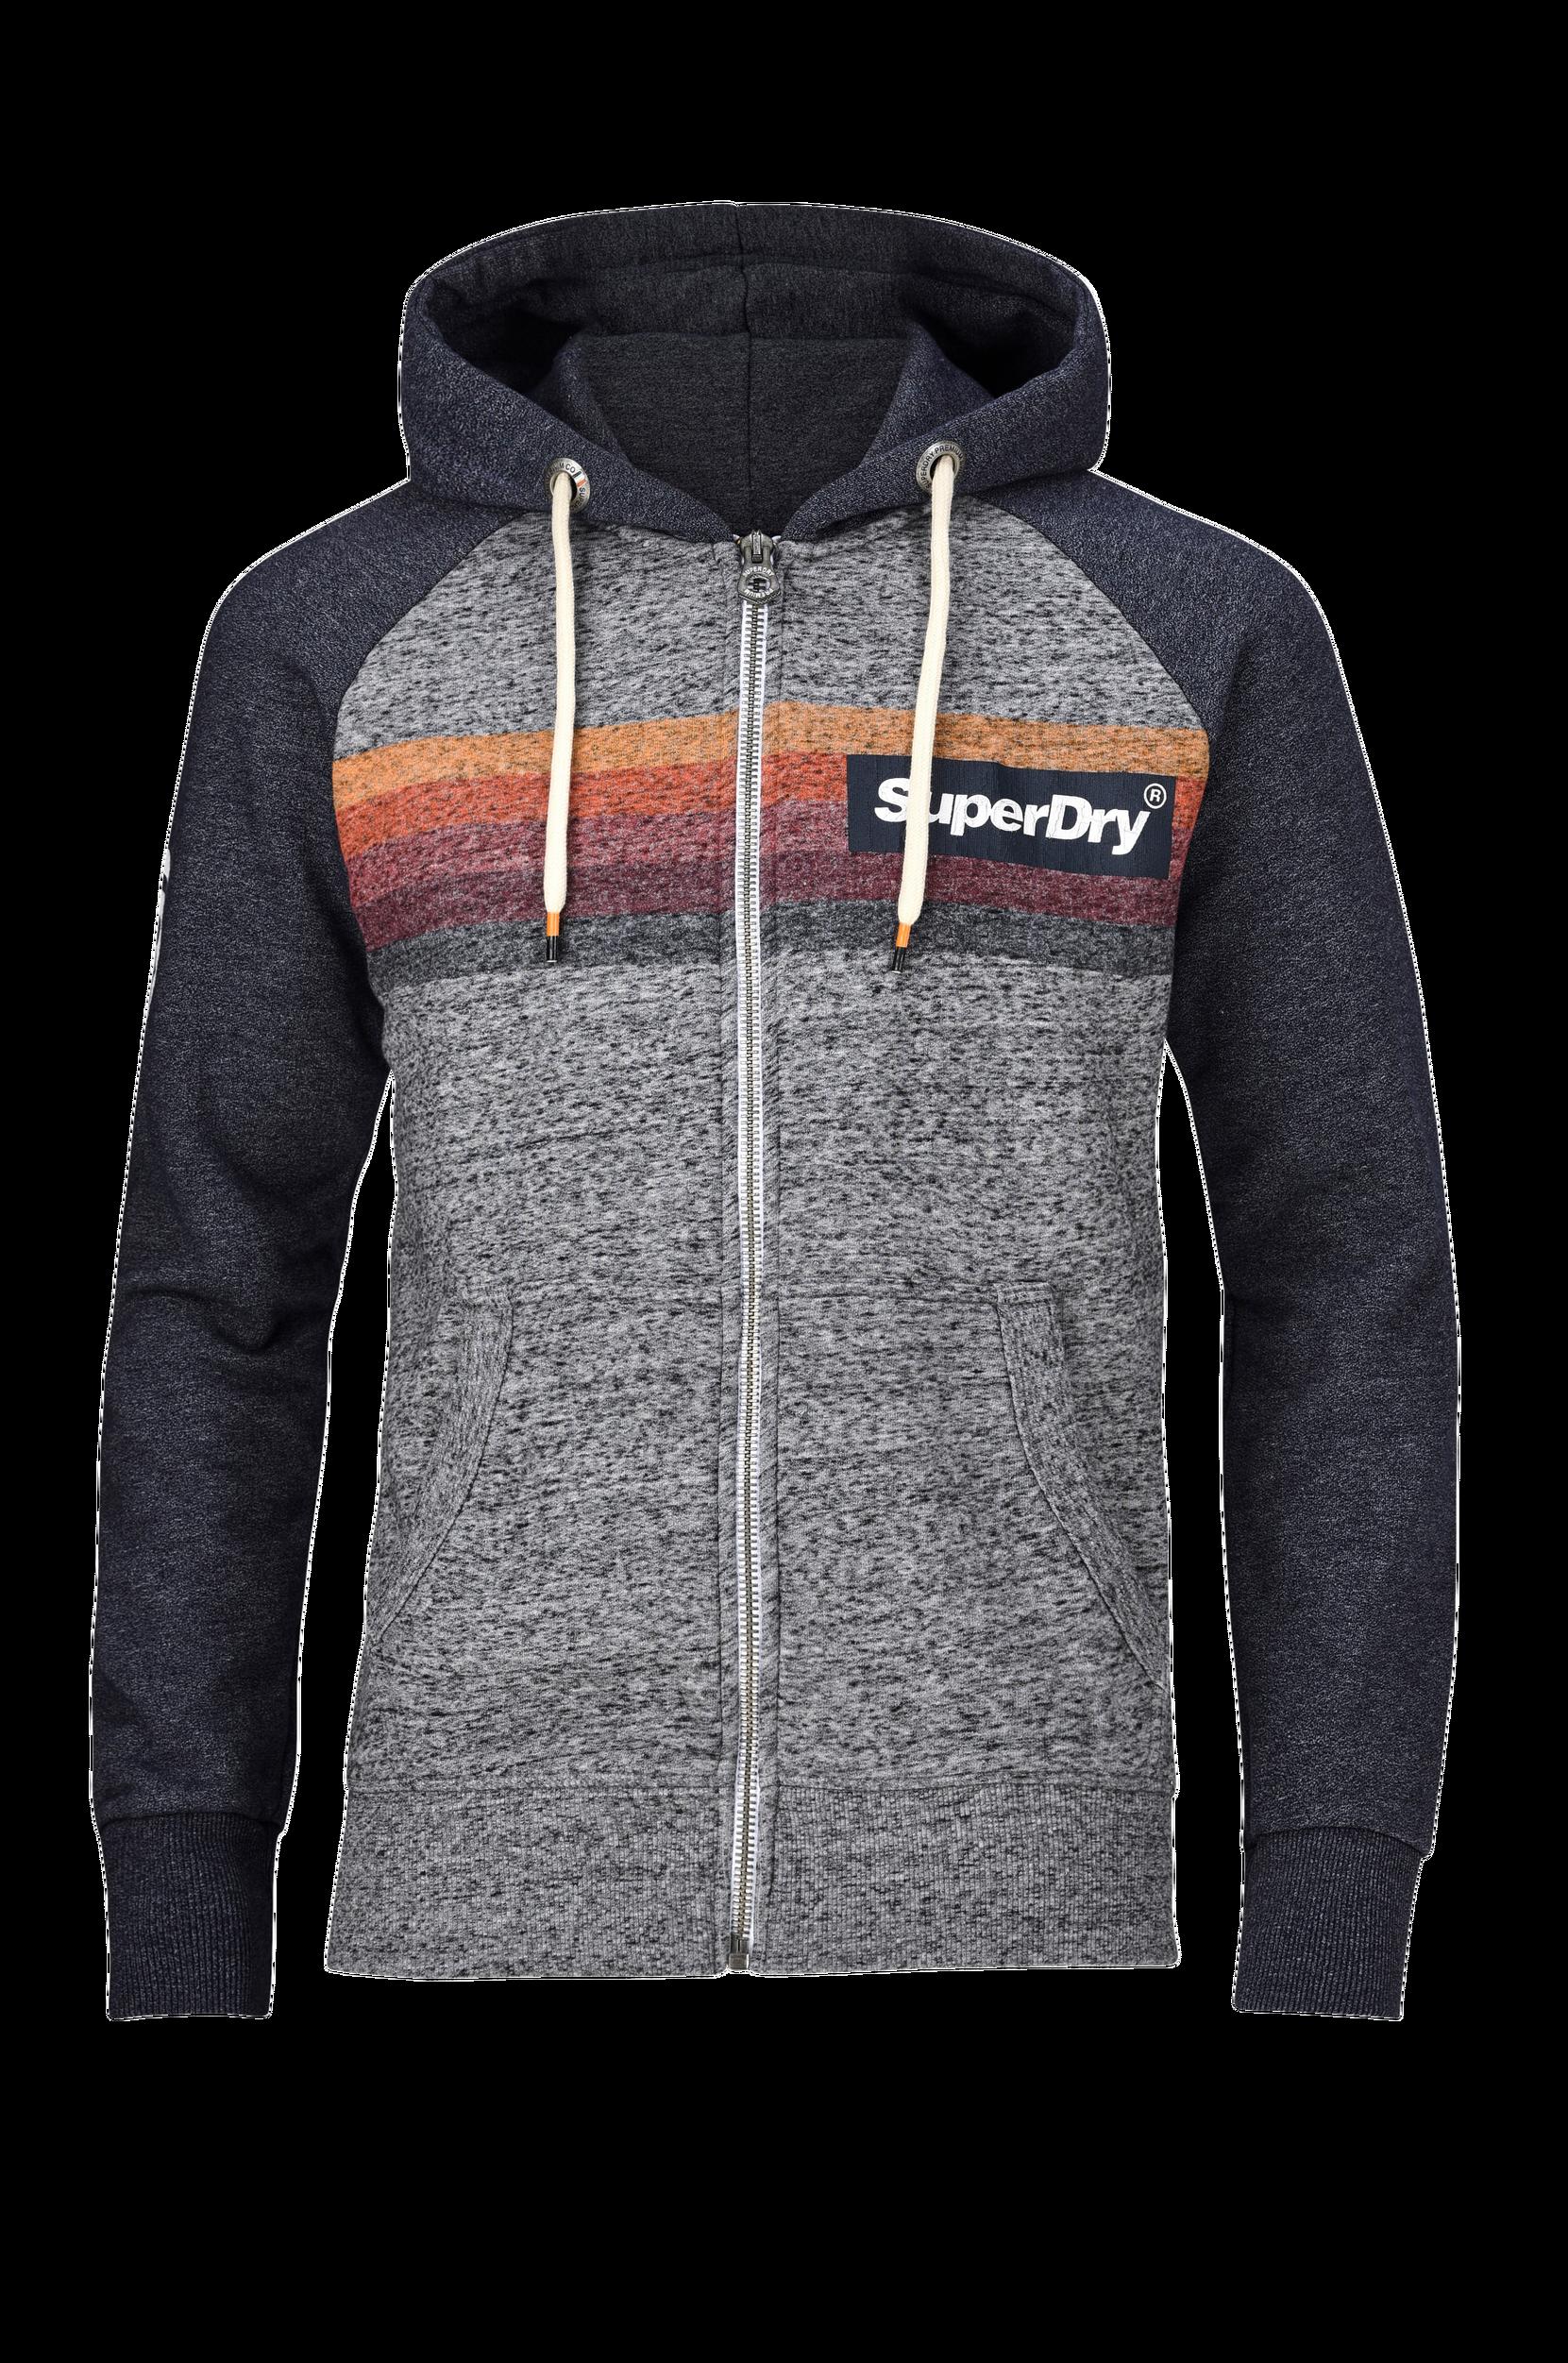 Sweatshirt Super 77 Surf Raglan Ziphood Superdry Trøjer til Mænd i Grå/flint grey grit